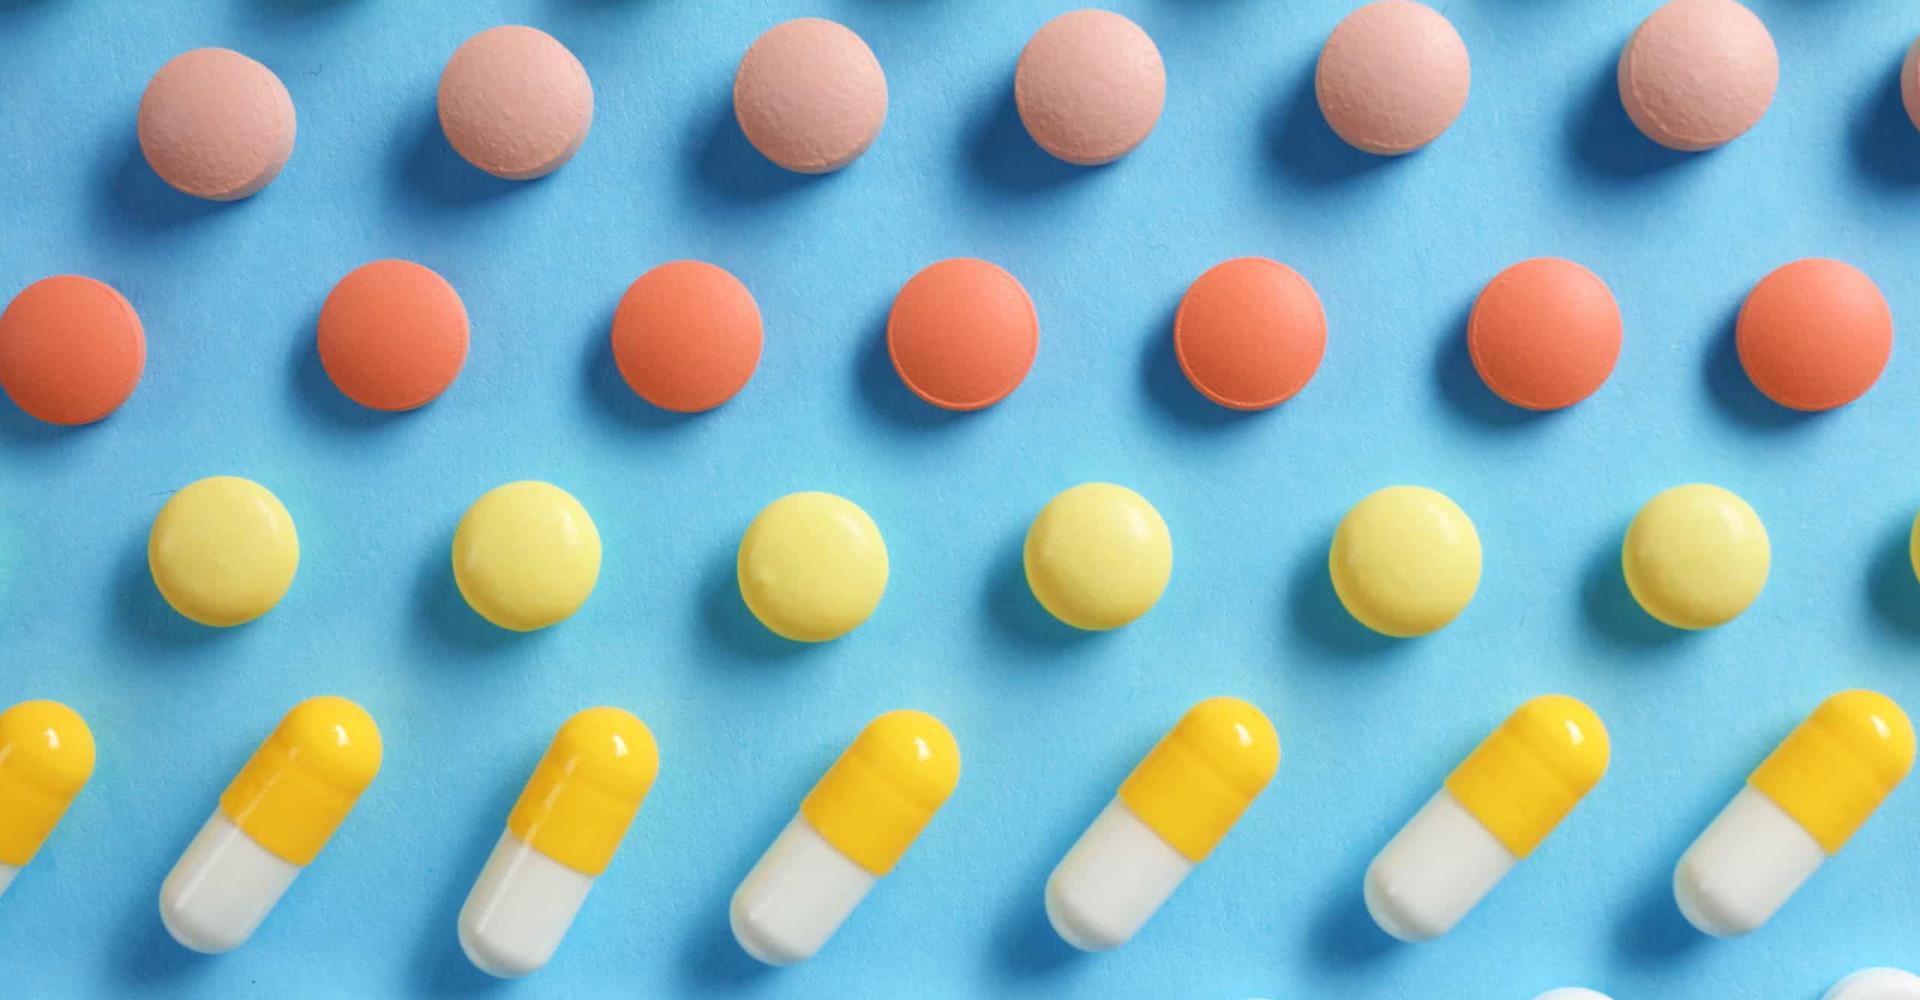 Heeft het slikken van vitaminepillen zin?